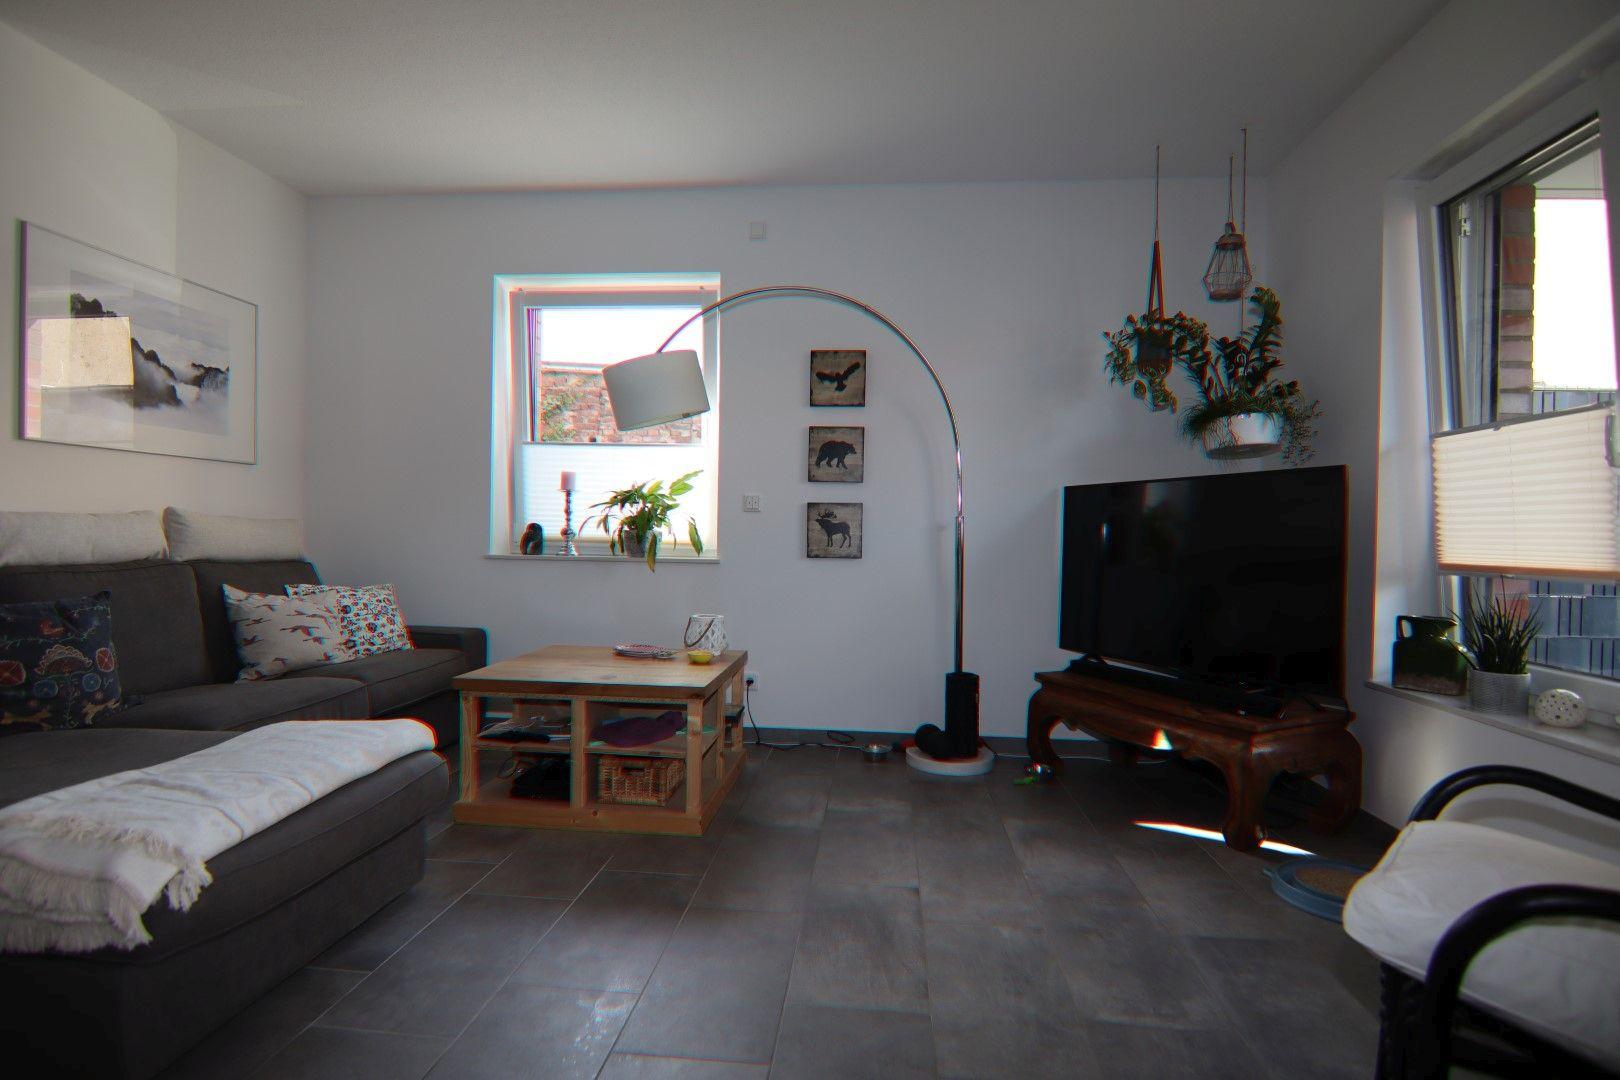 Immobilie Nr.0266 - 2-Raum-Erdgeschoss-Wohnung im Neubau mit hochwertiger Ausstattung - Bild 18.jpg